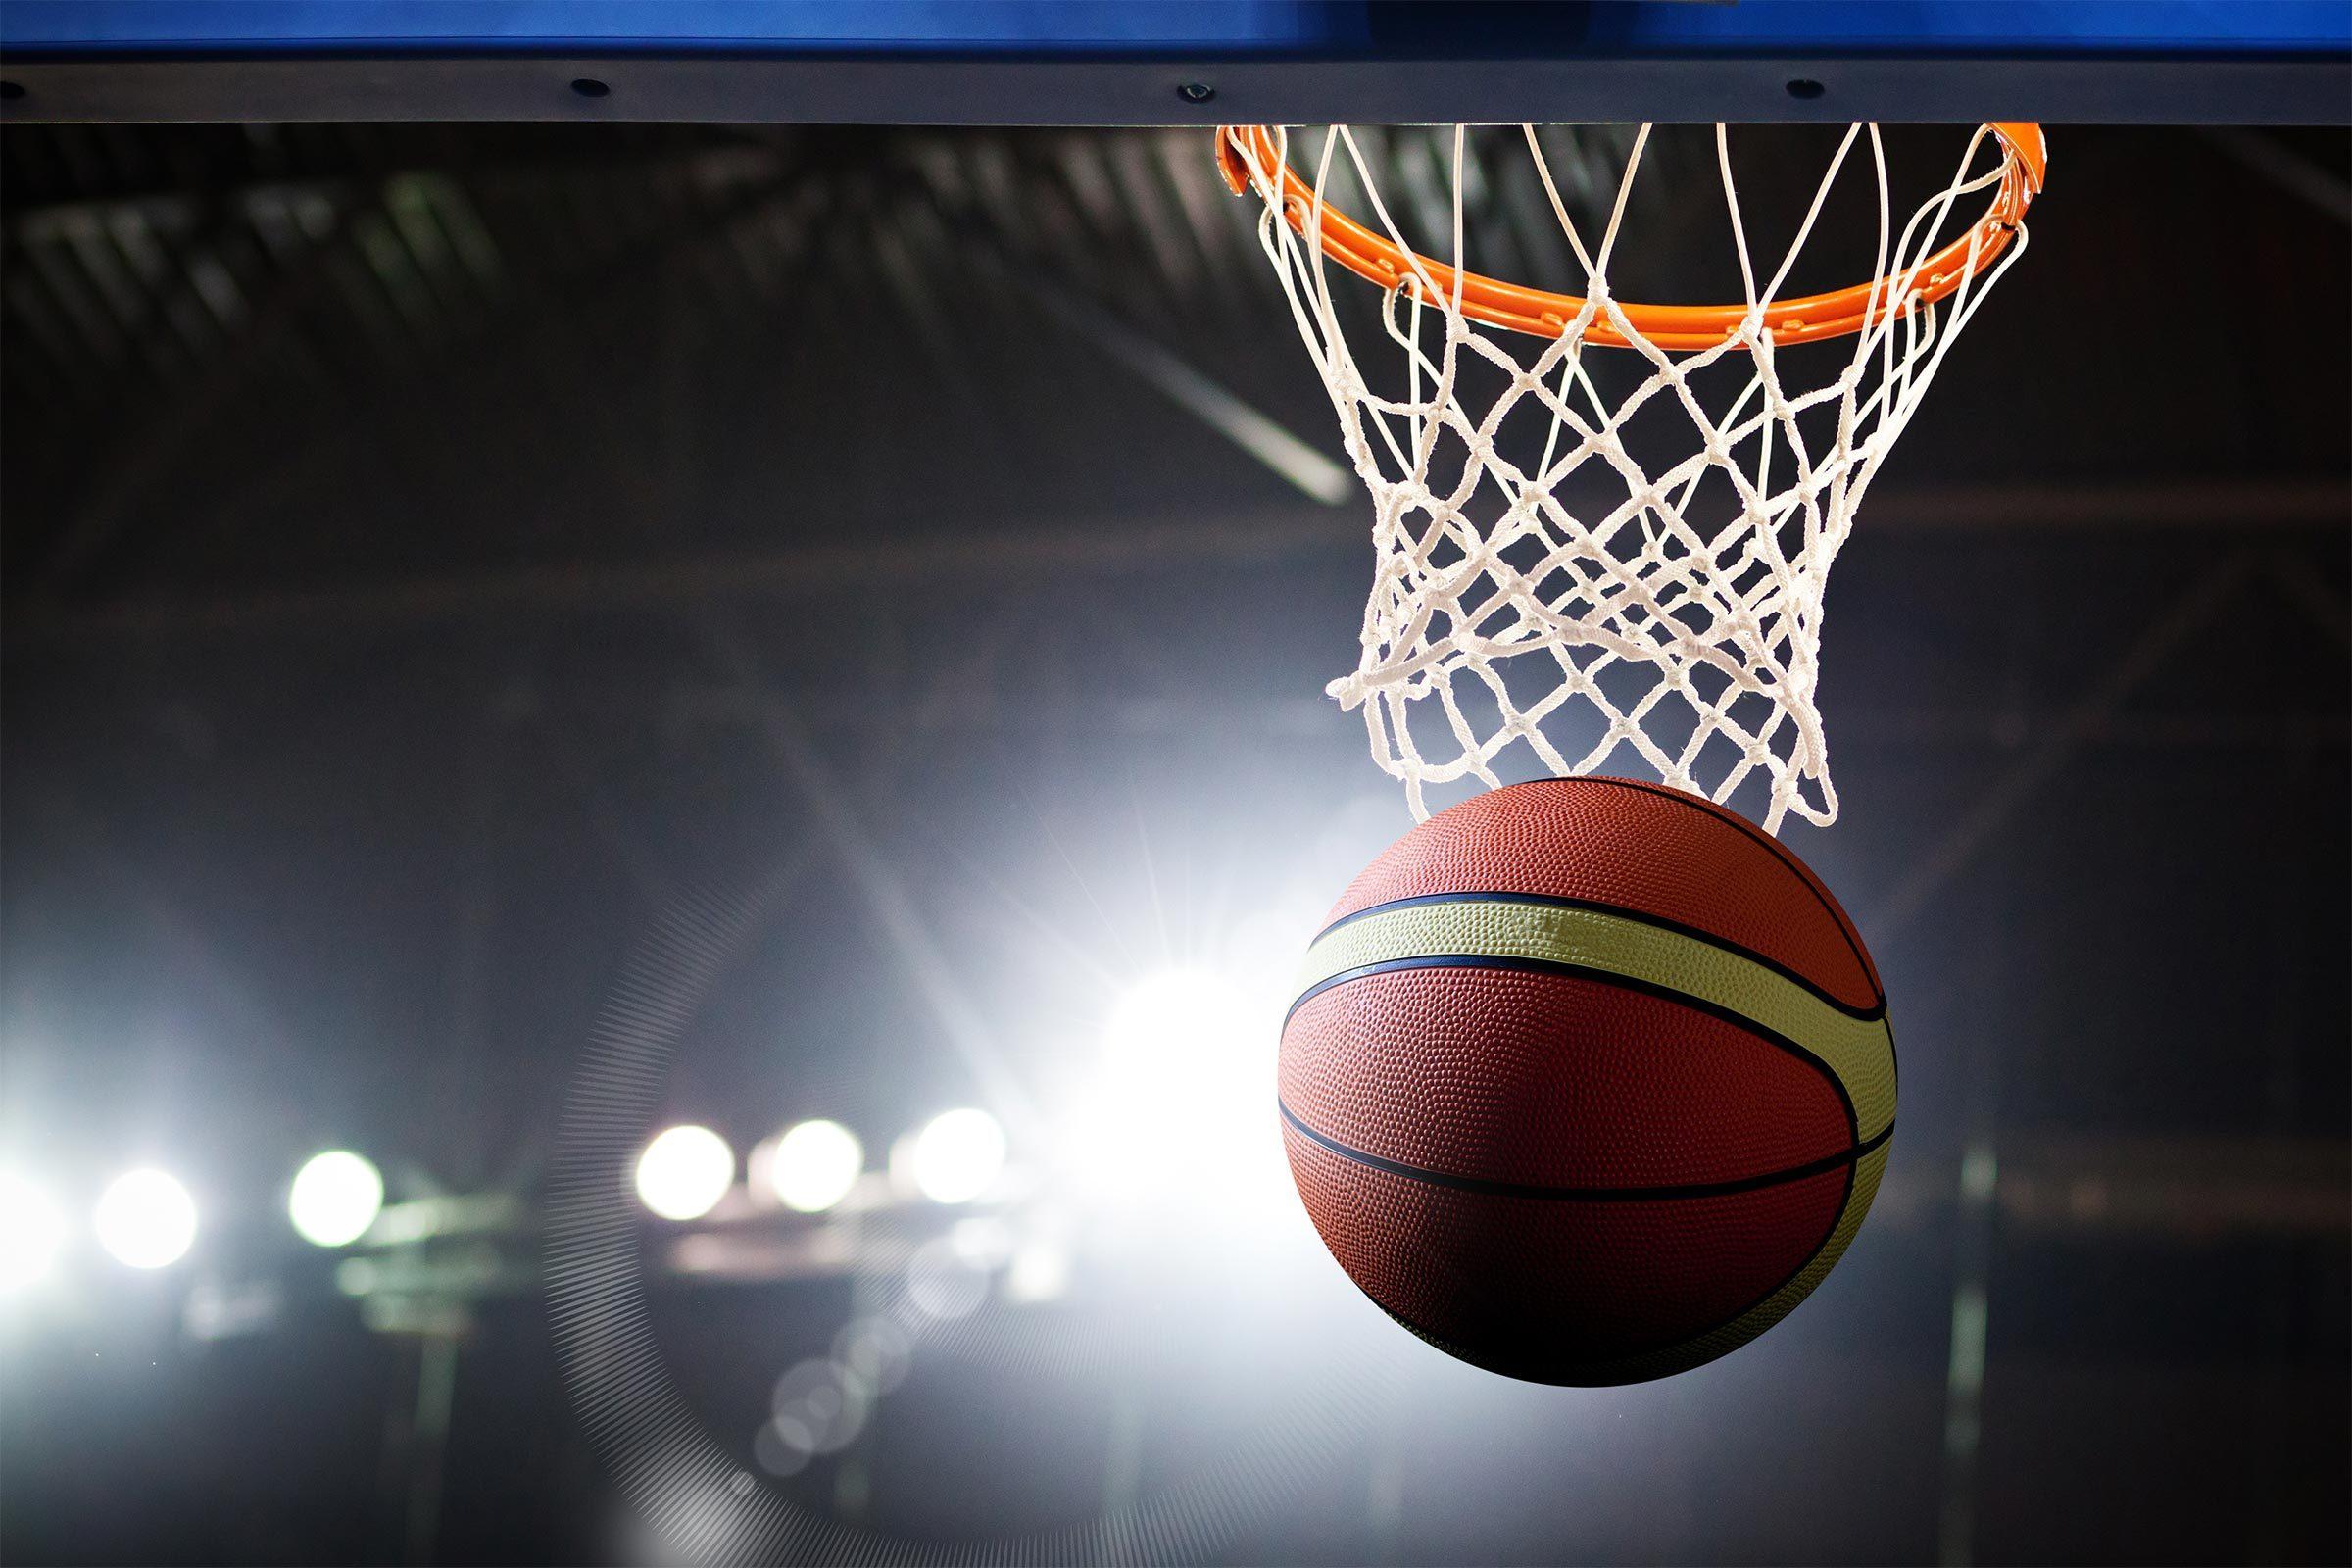 Basket Ball in hoop